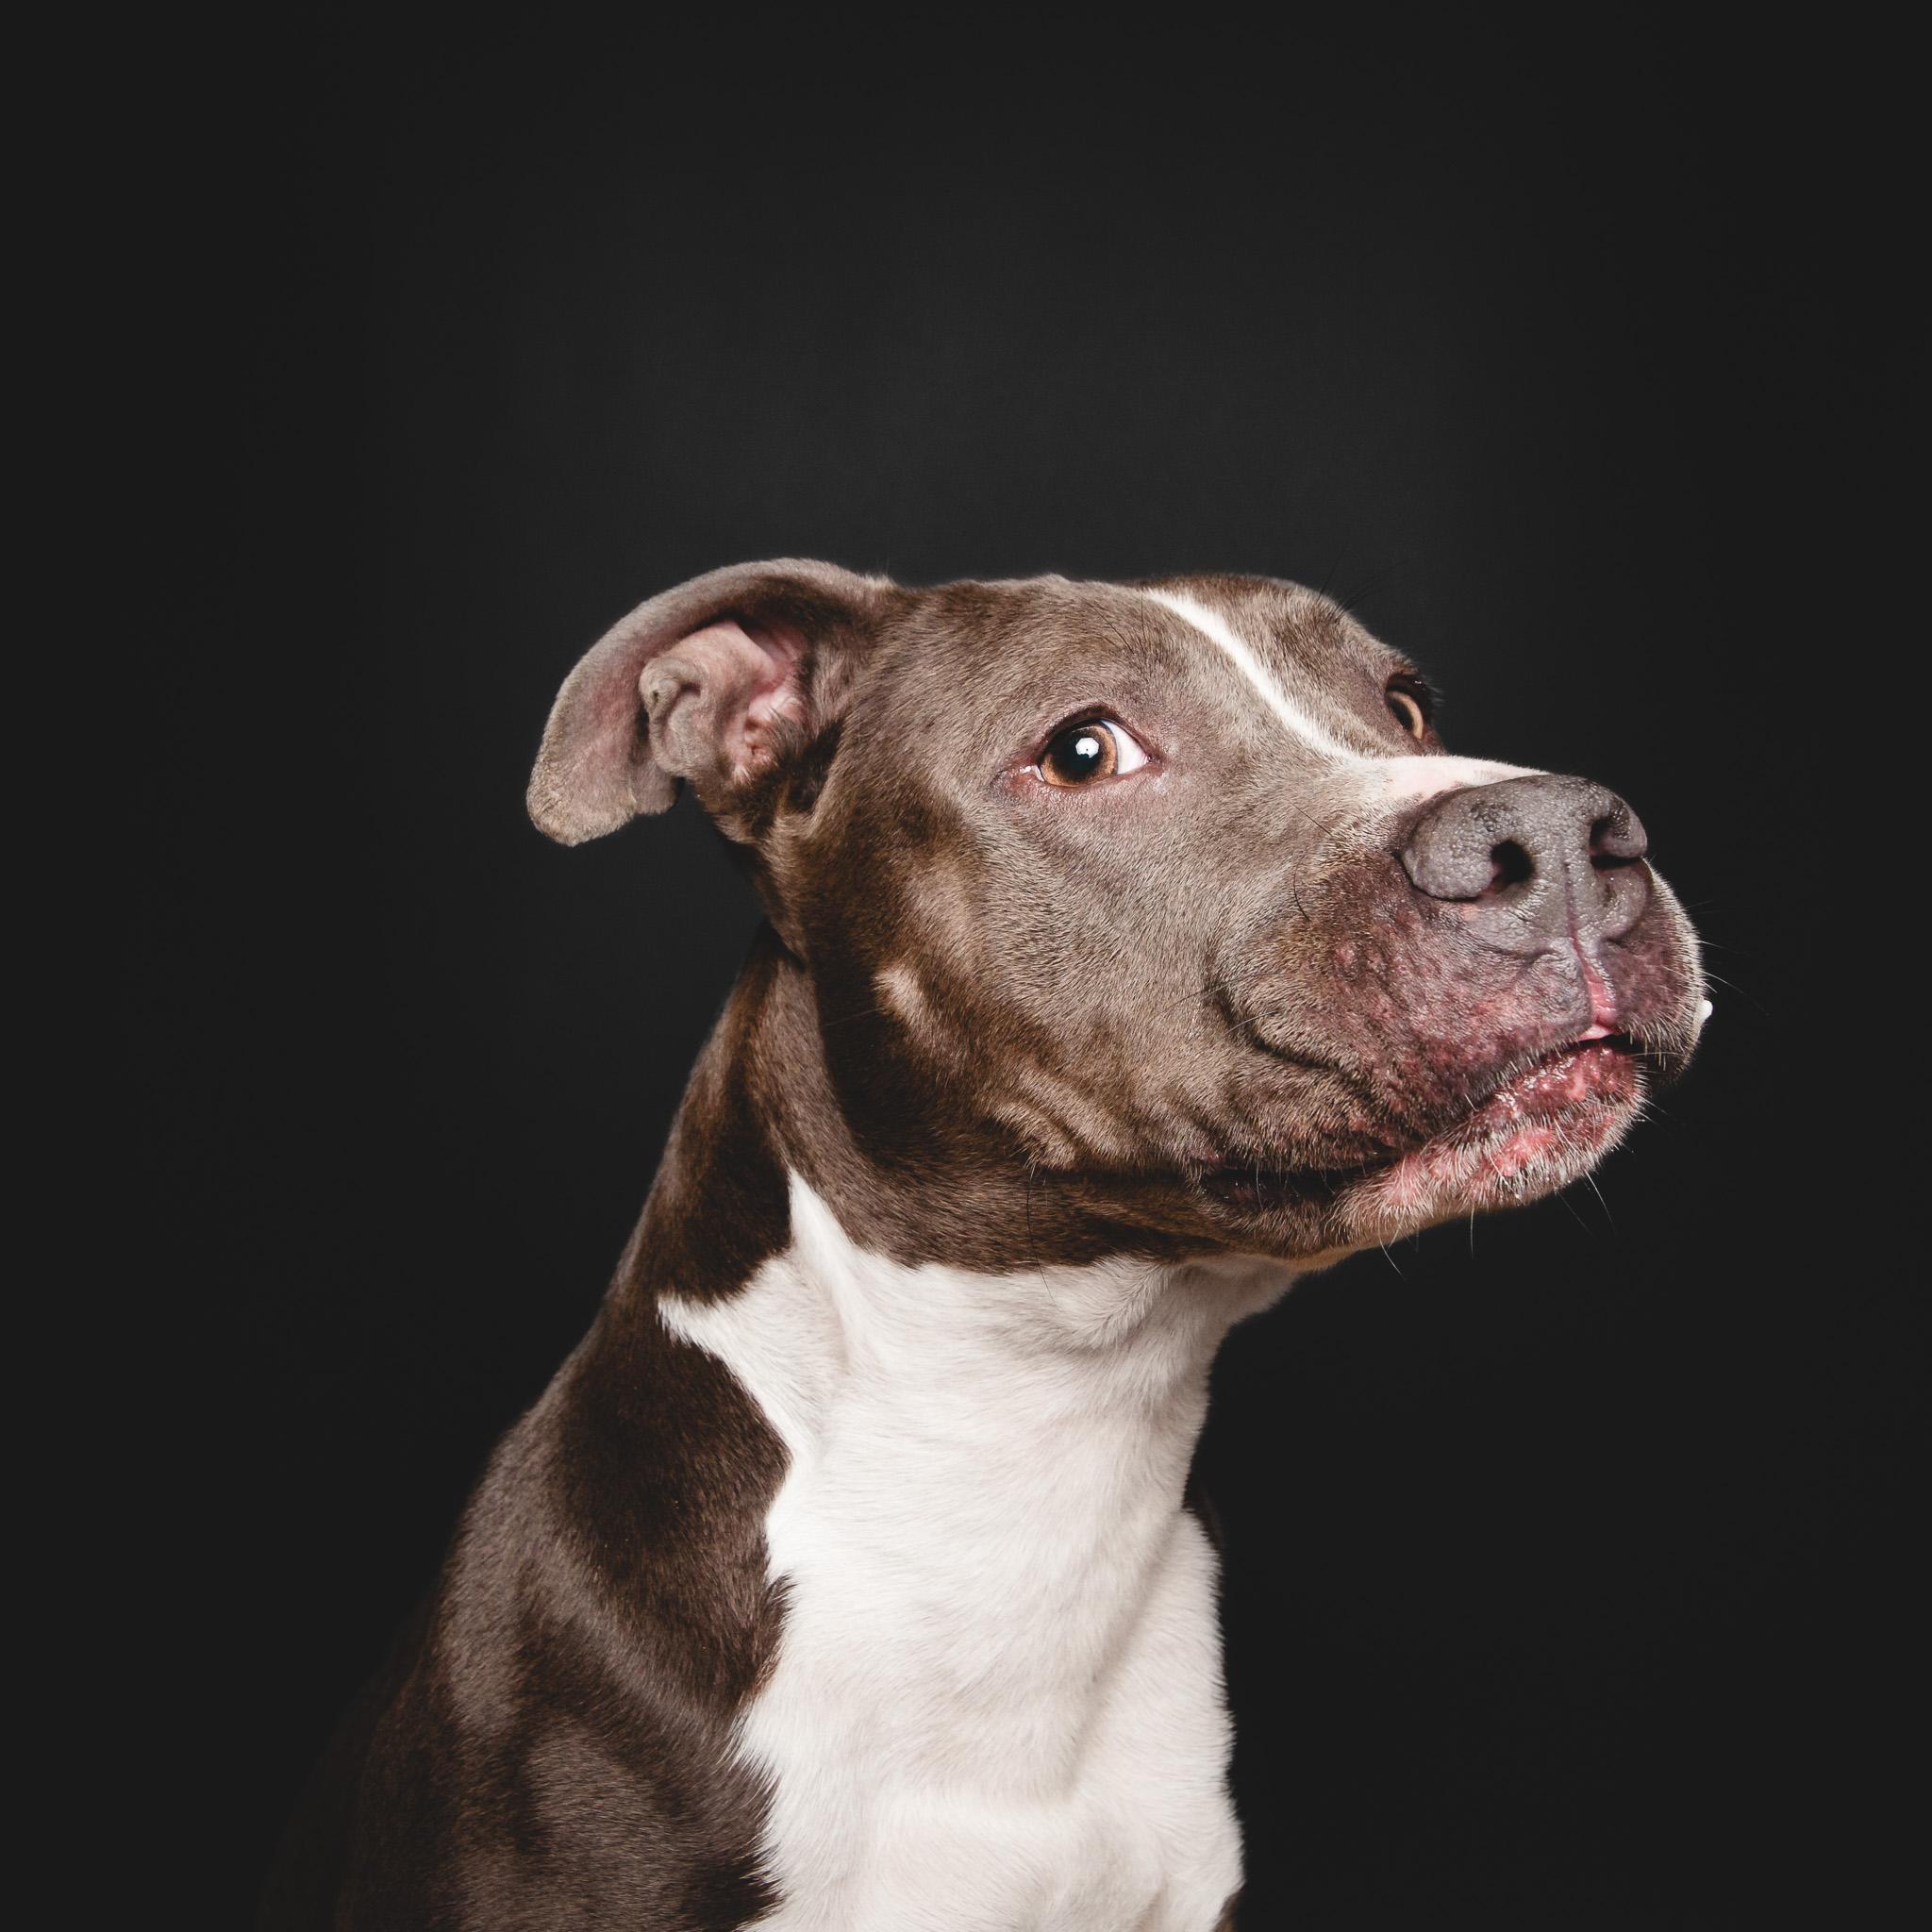 Pit Bull Terrier, Chicago Dog Photographer